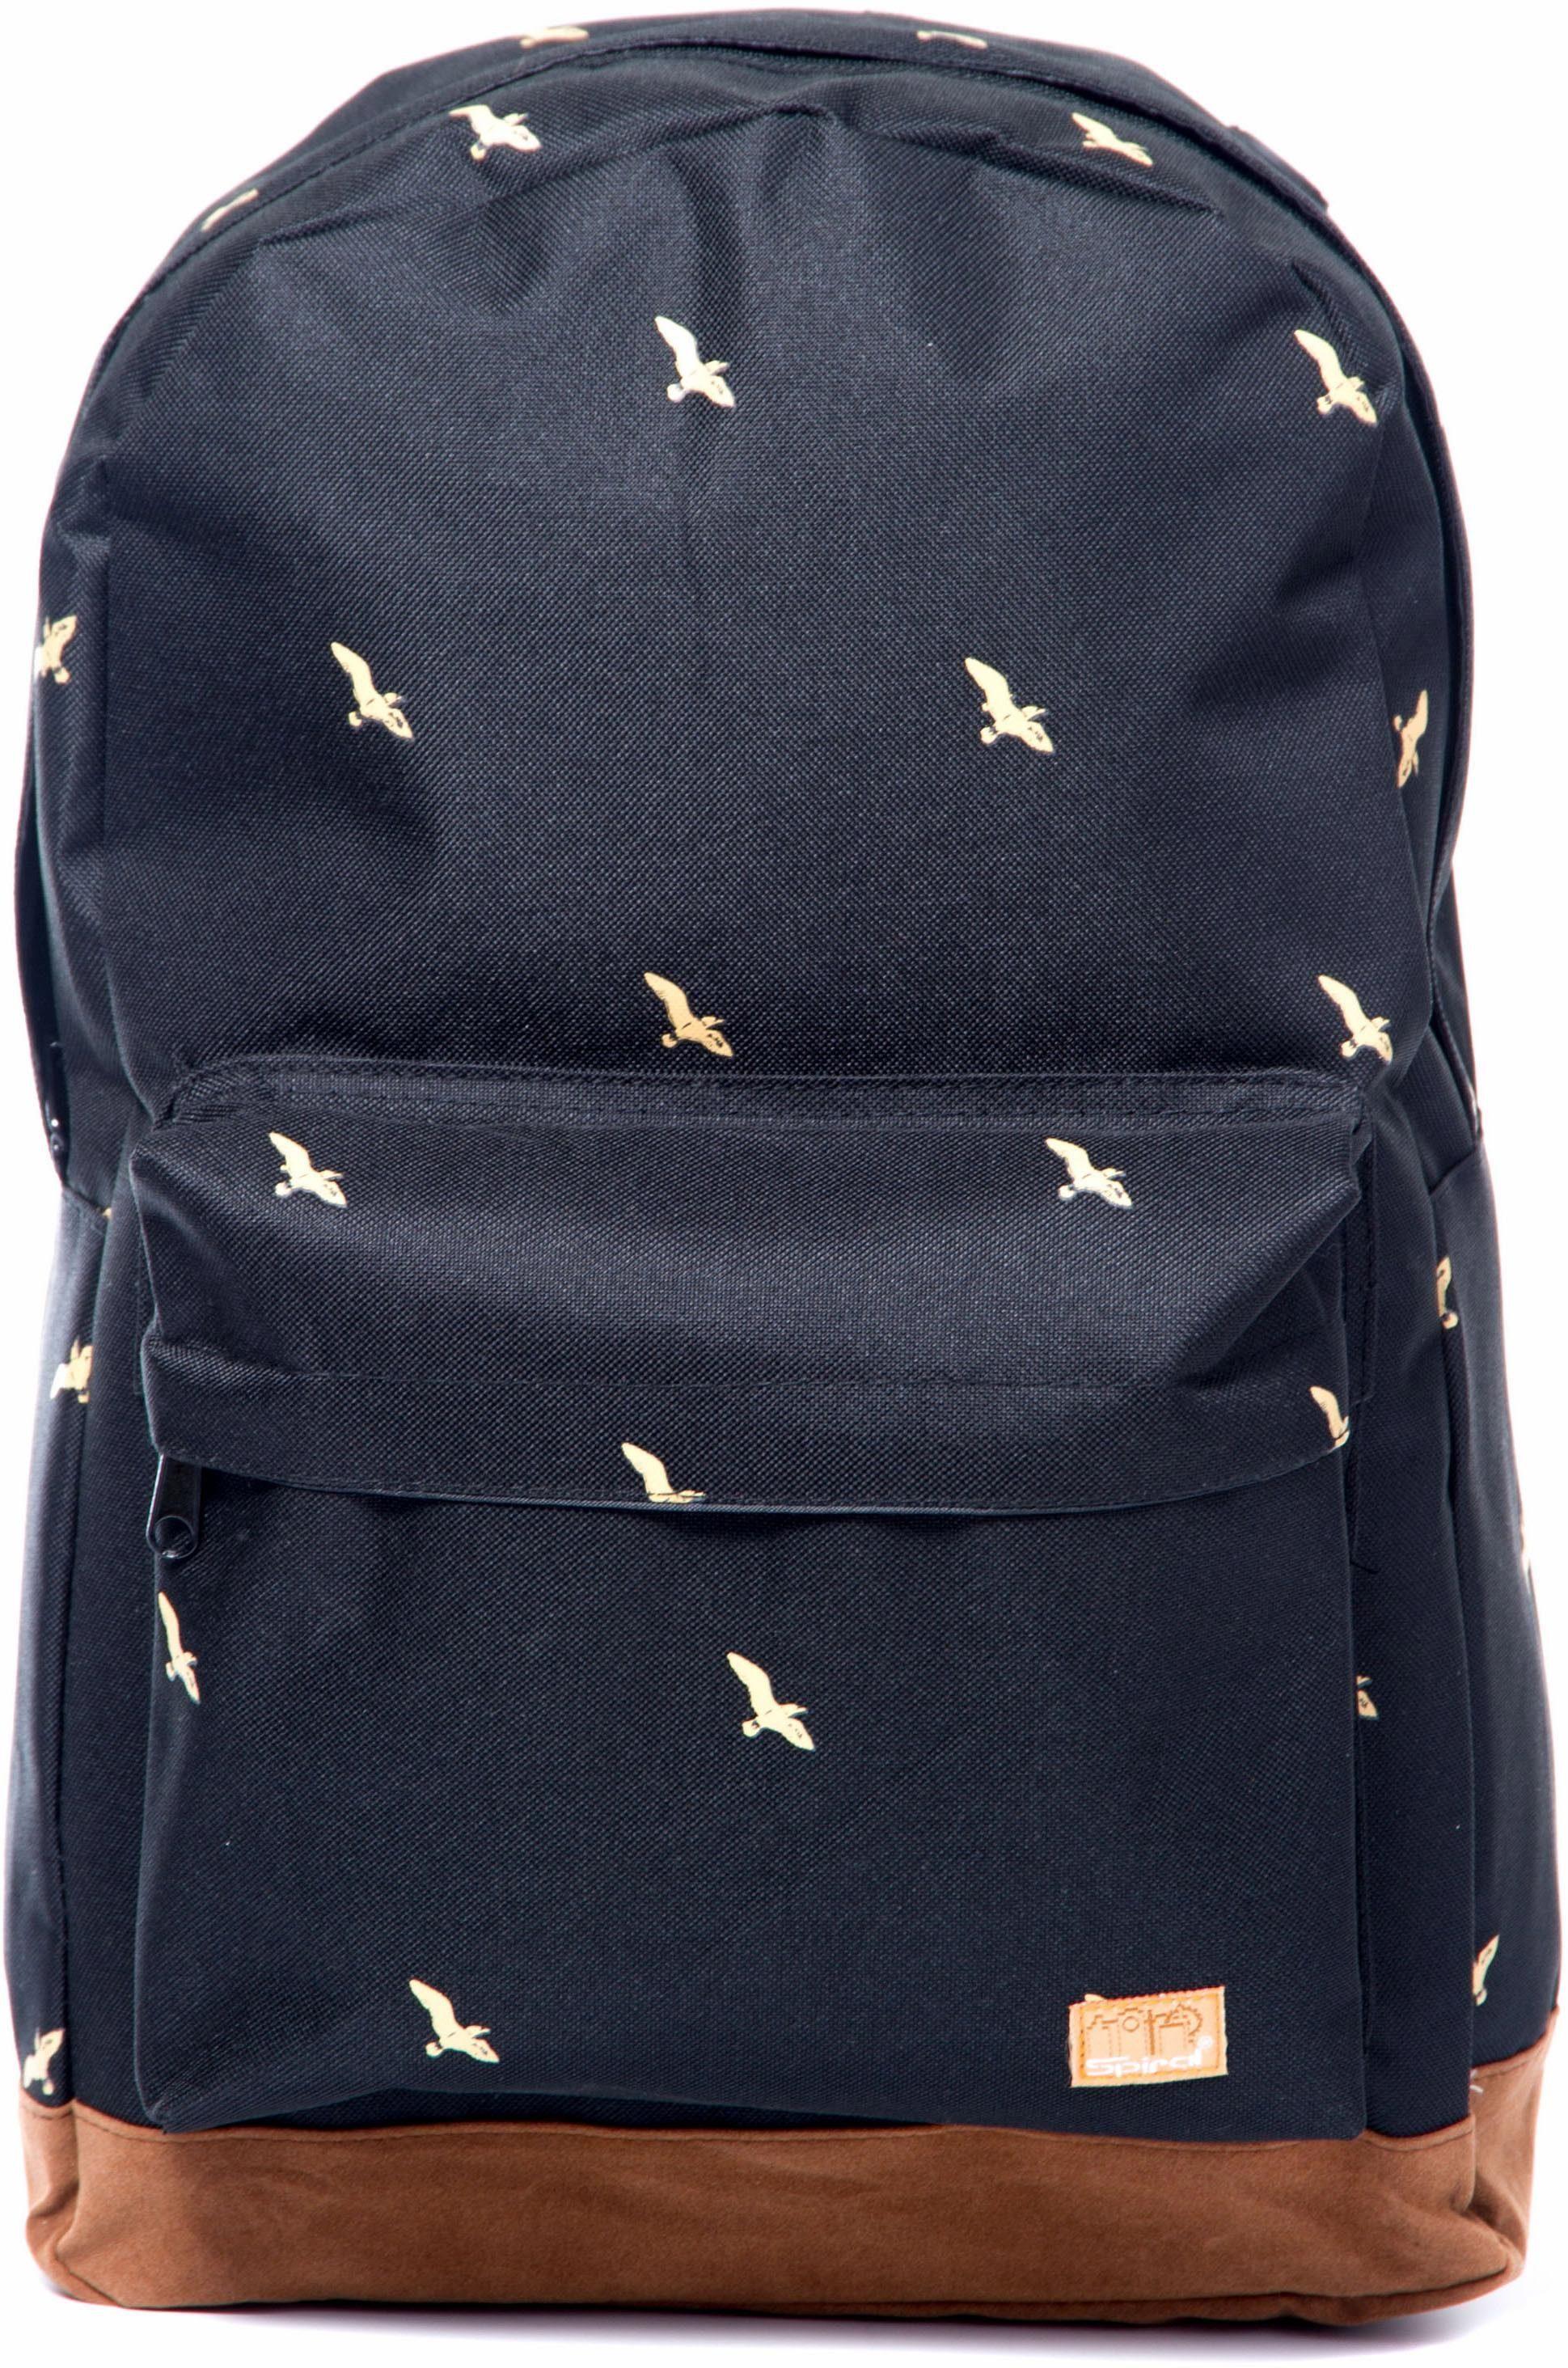 Spiral® Rucksack mit Laptopfach, »OG, bird black«